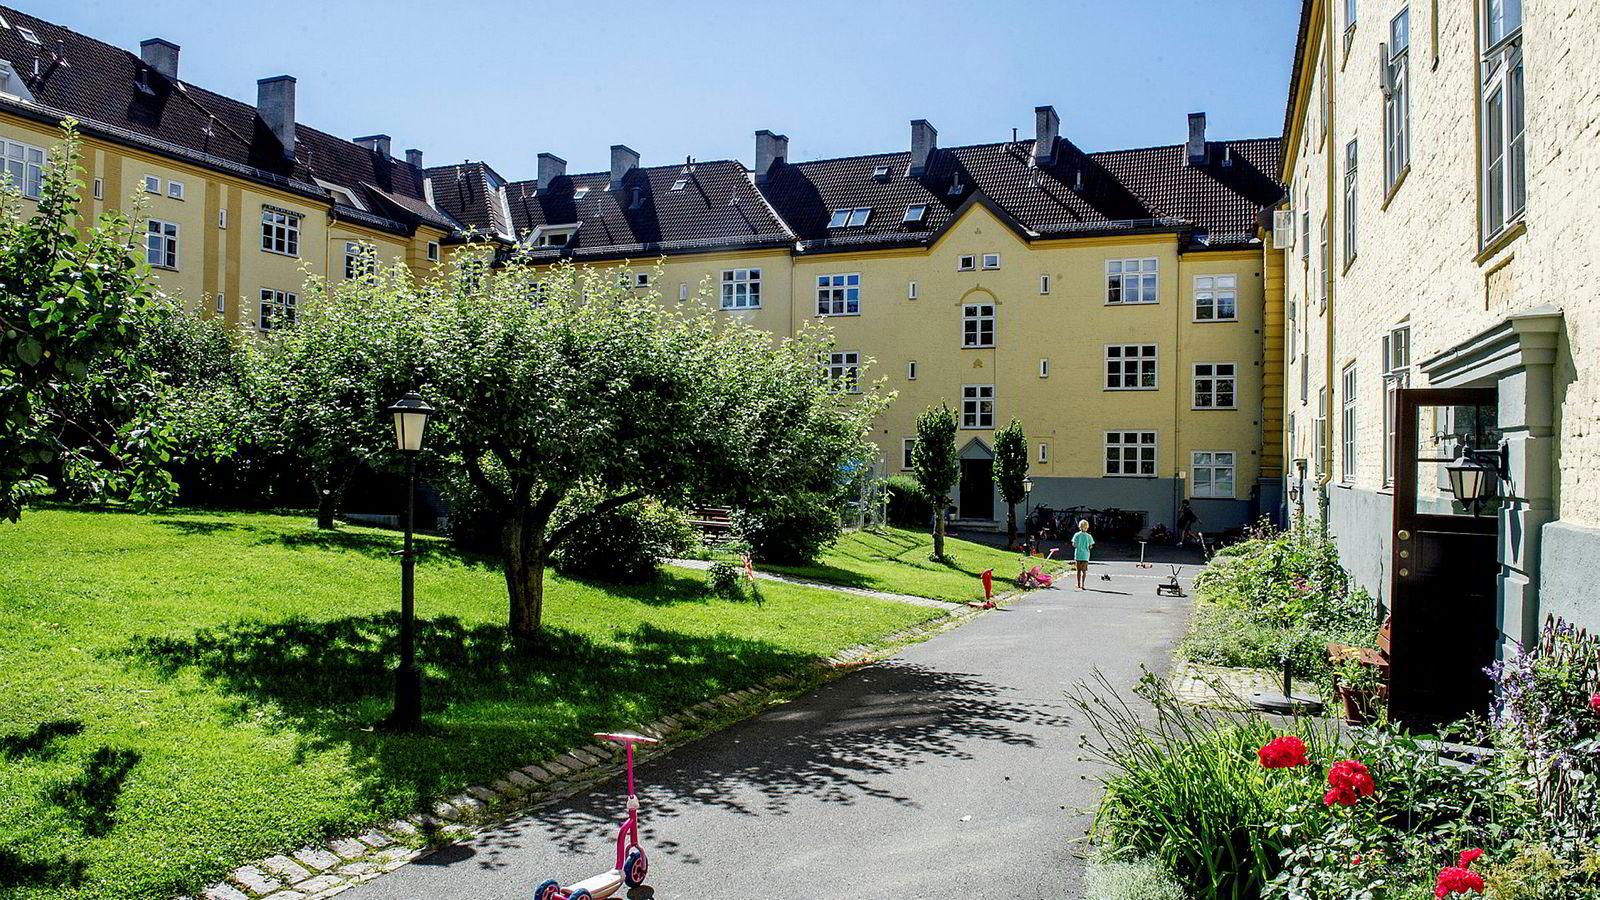 18 prosent av personer i starten av 20-årene bor i en eid bolig i Norge, ifølge SSB.